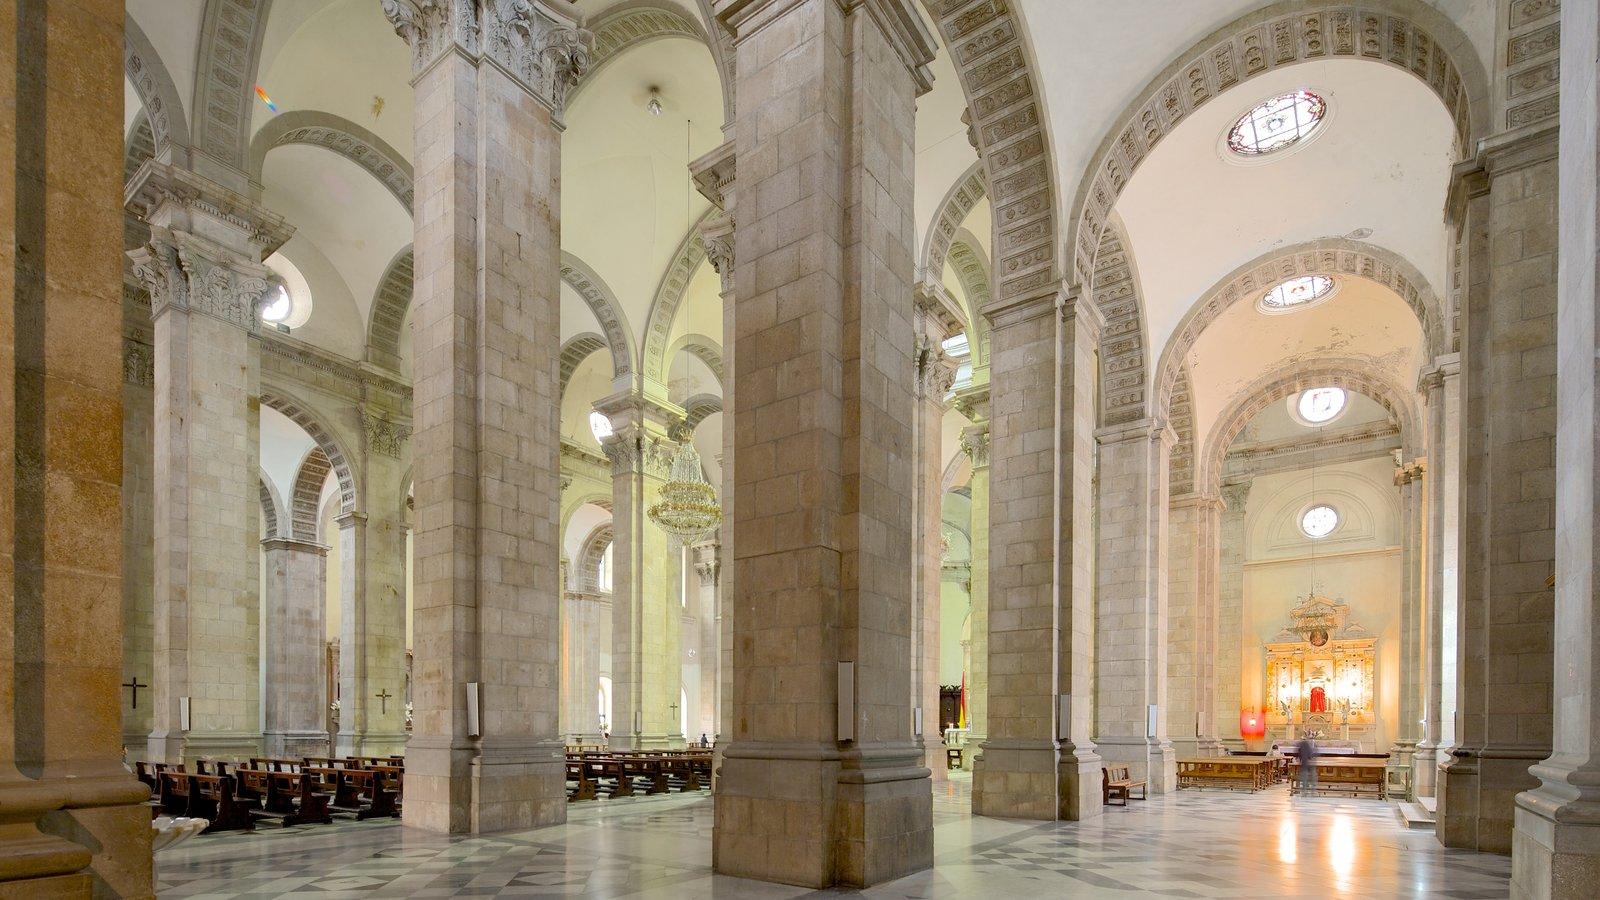 Plaza Murillo que inclui arquitetura de patrimônio, uma igreja ou catedral e vistas internas